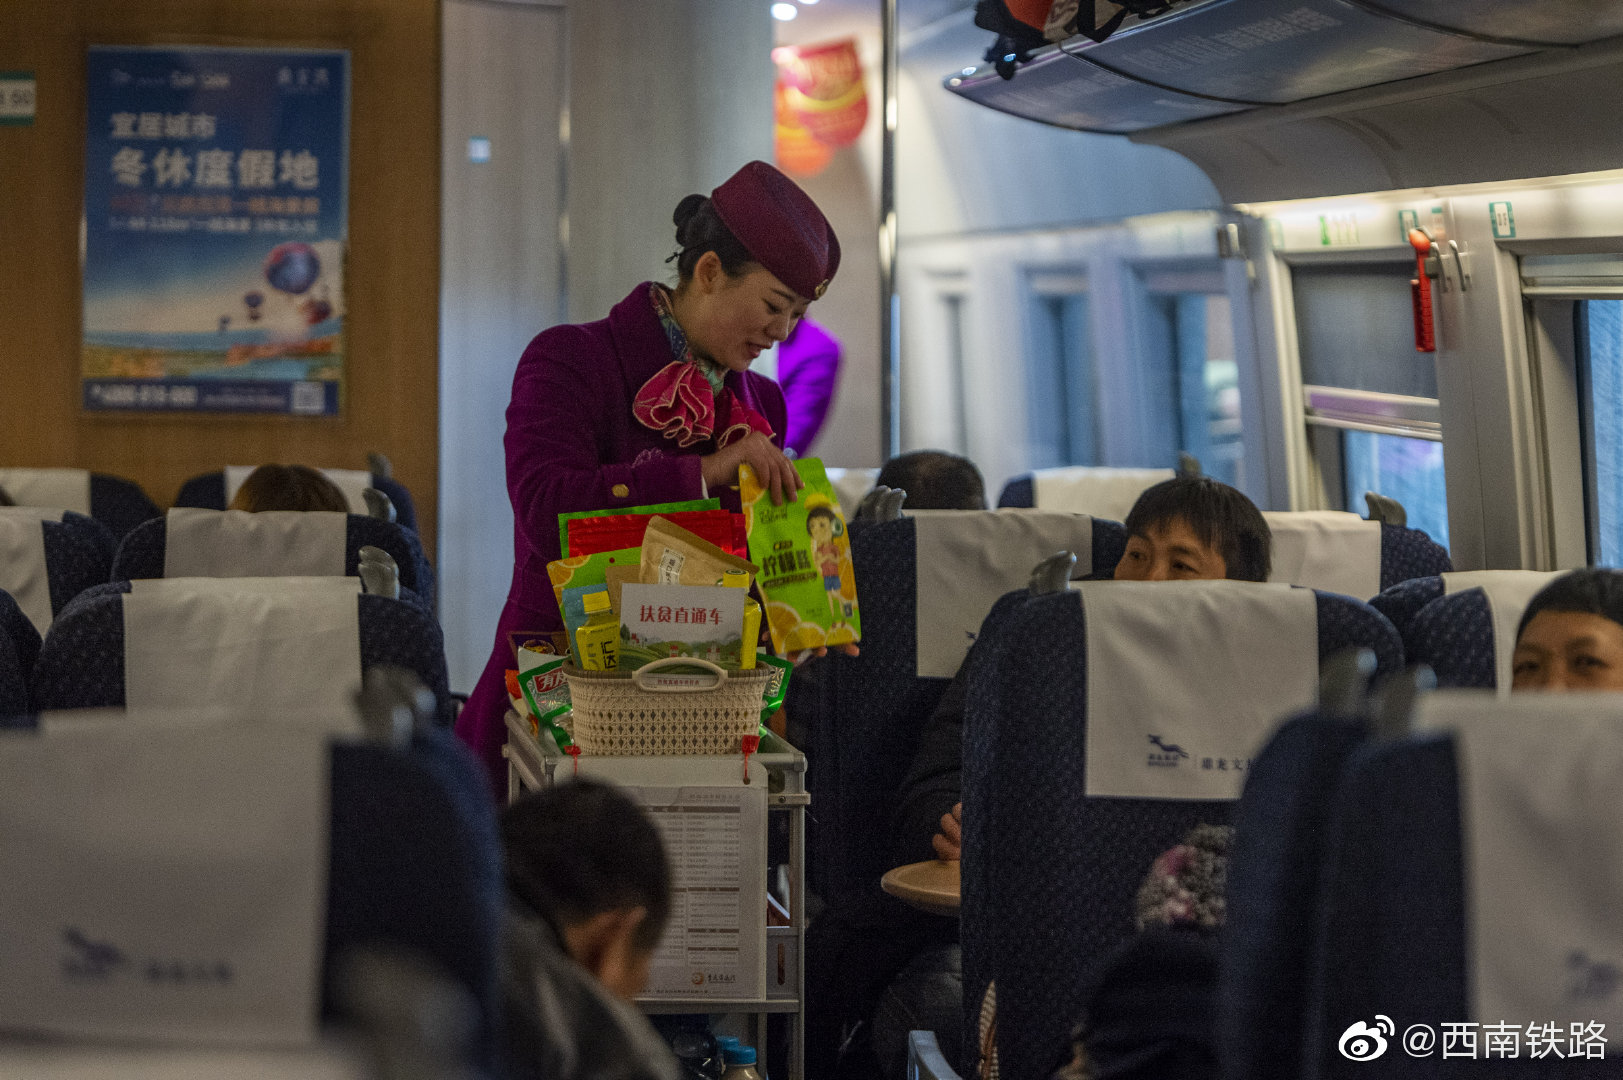 以来,@重庆客运段 利用铁路行业优势